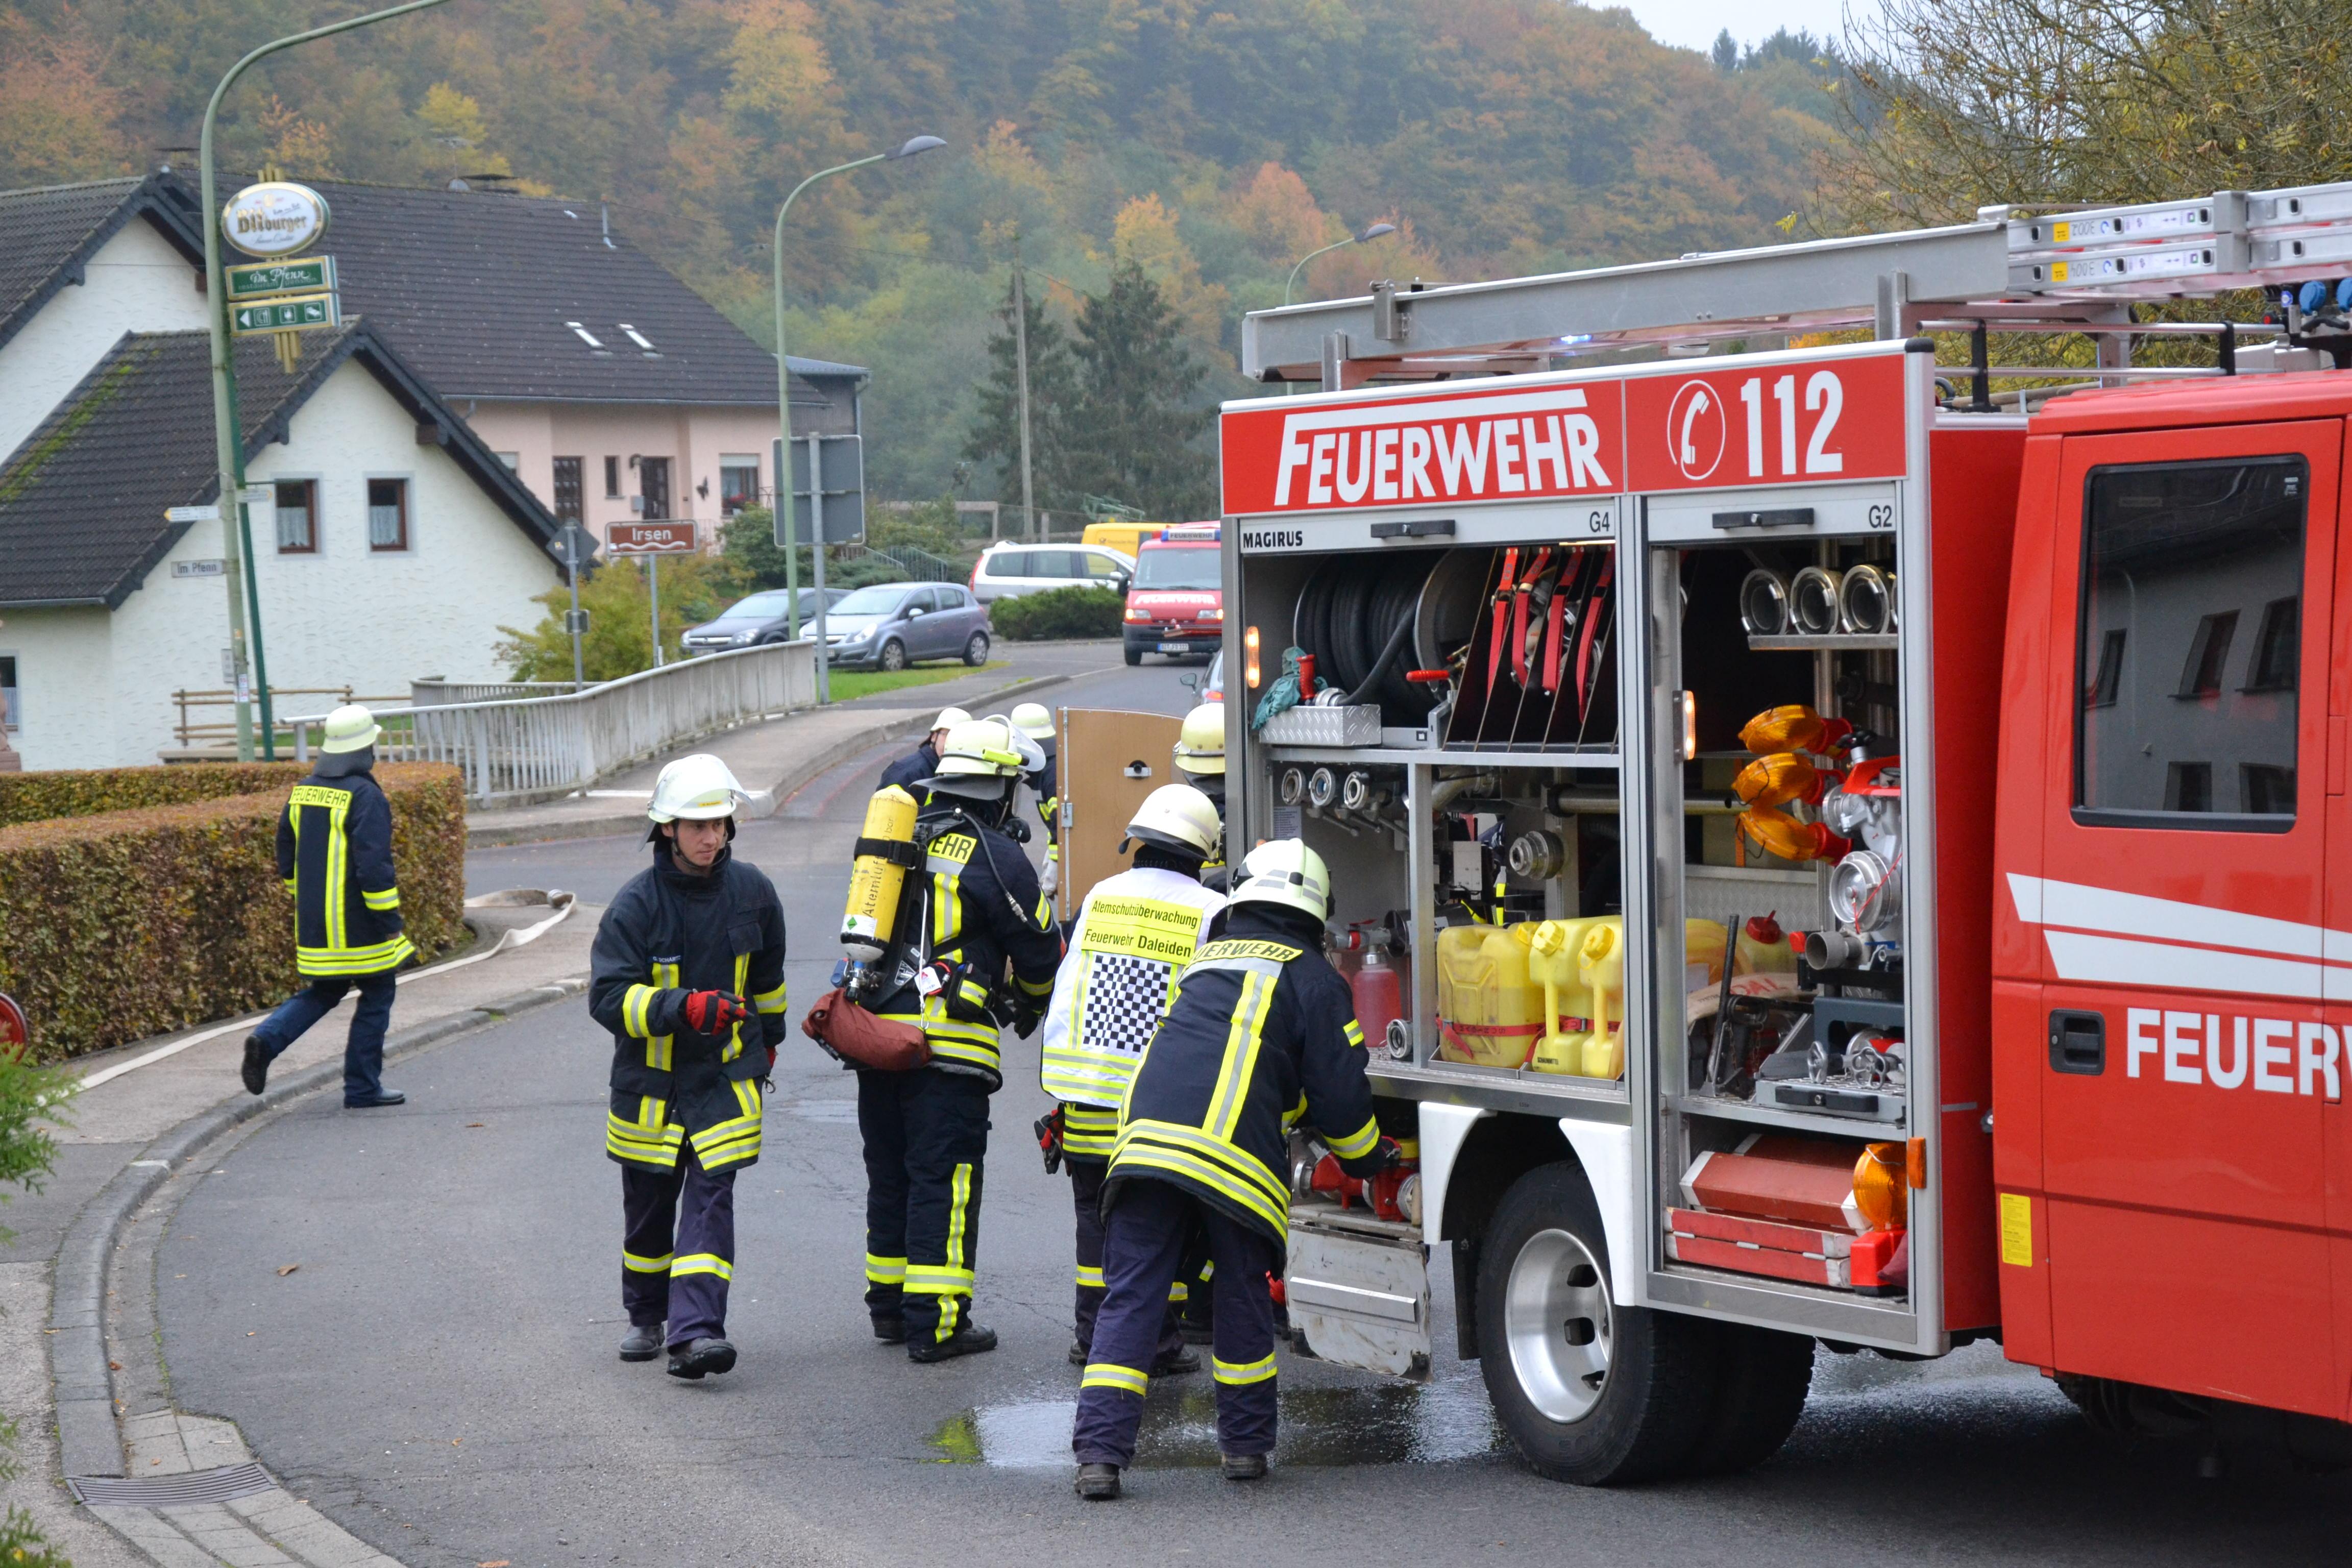 Feuerwehr Daleiden (12)